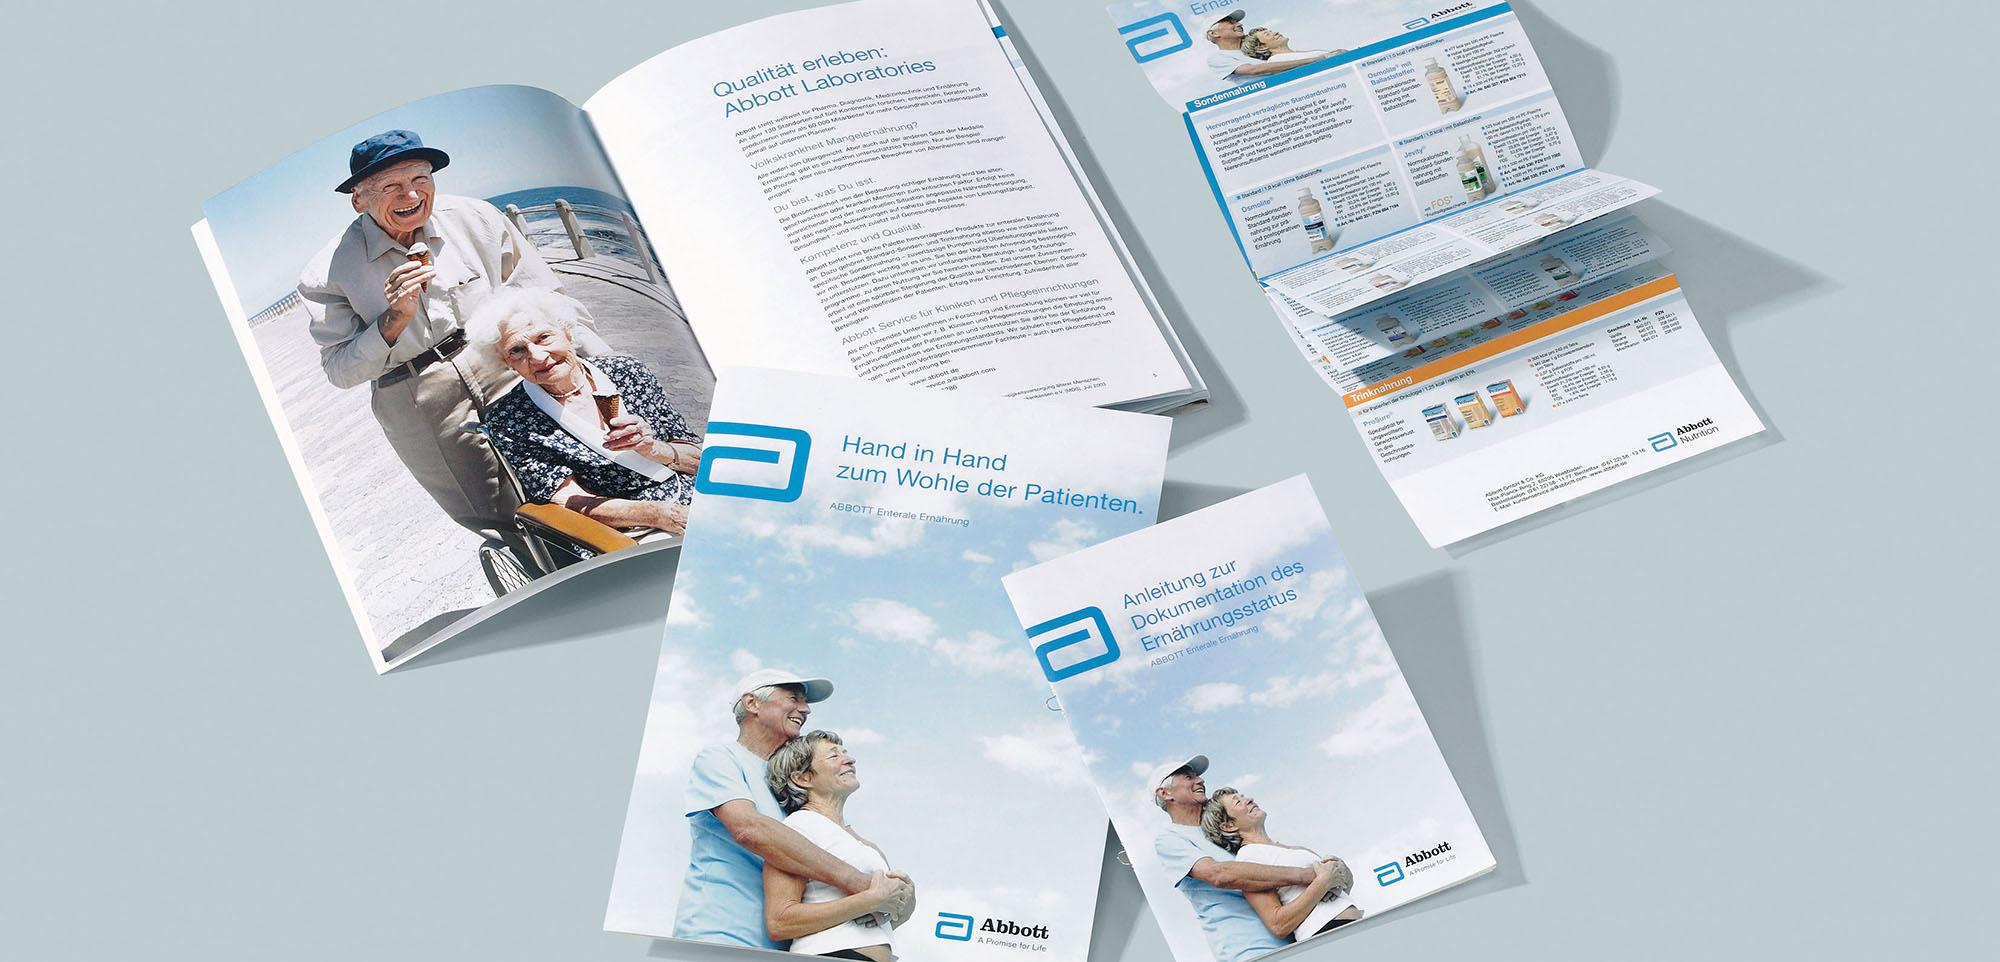 Abbott enterale Ernährung Produktliteratur – Werbeagentur Lehnstein Koblenz Referenz